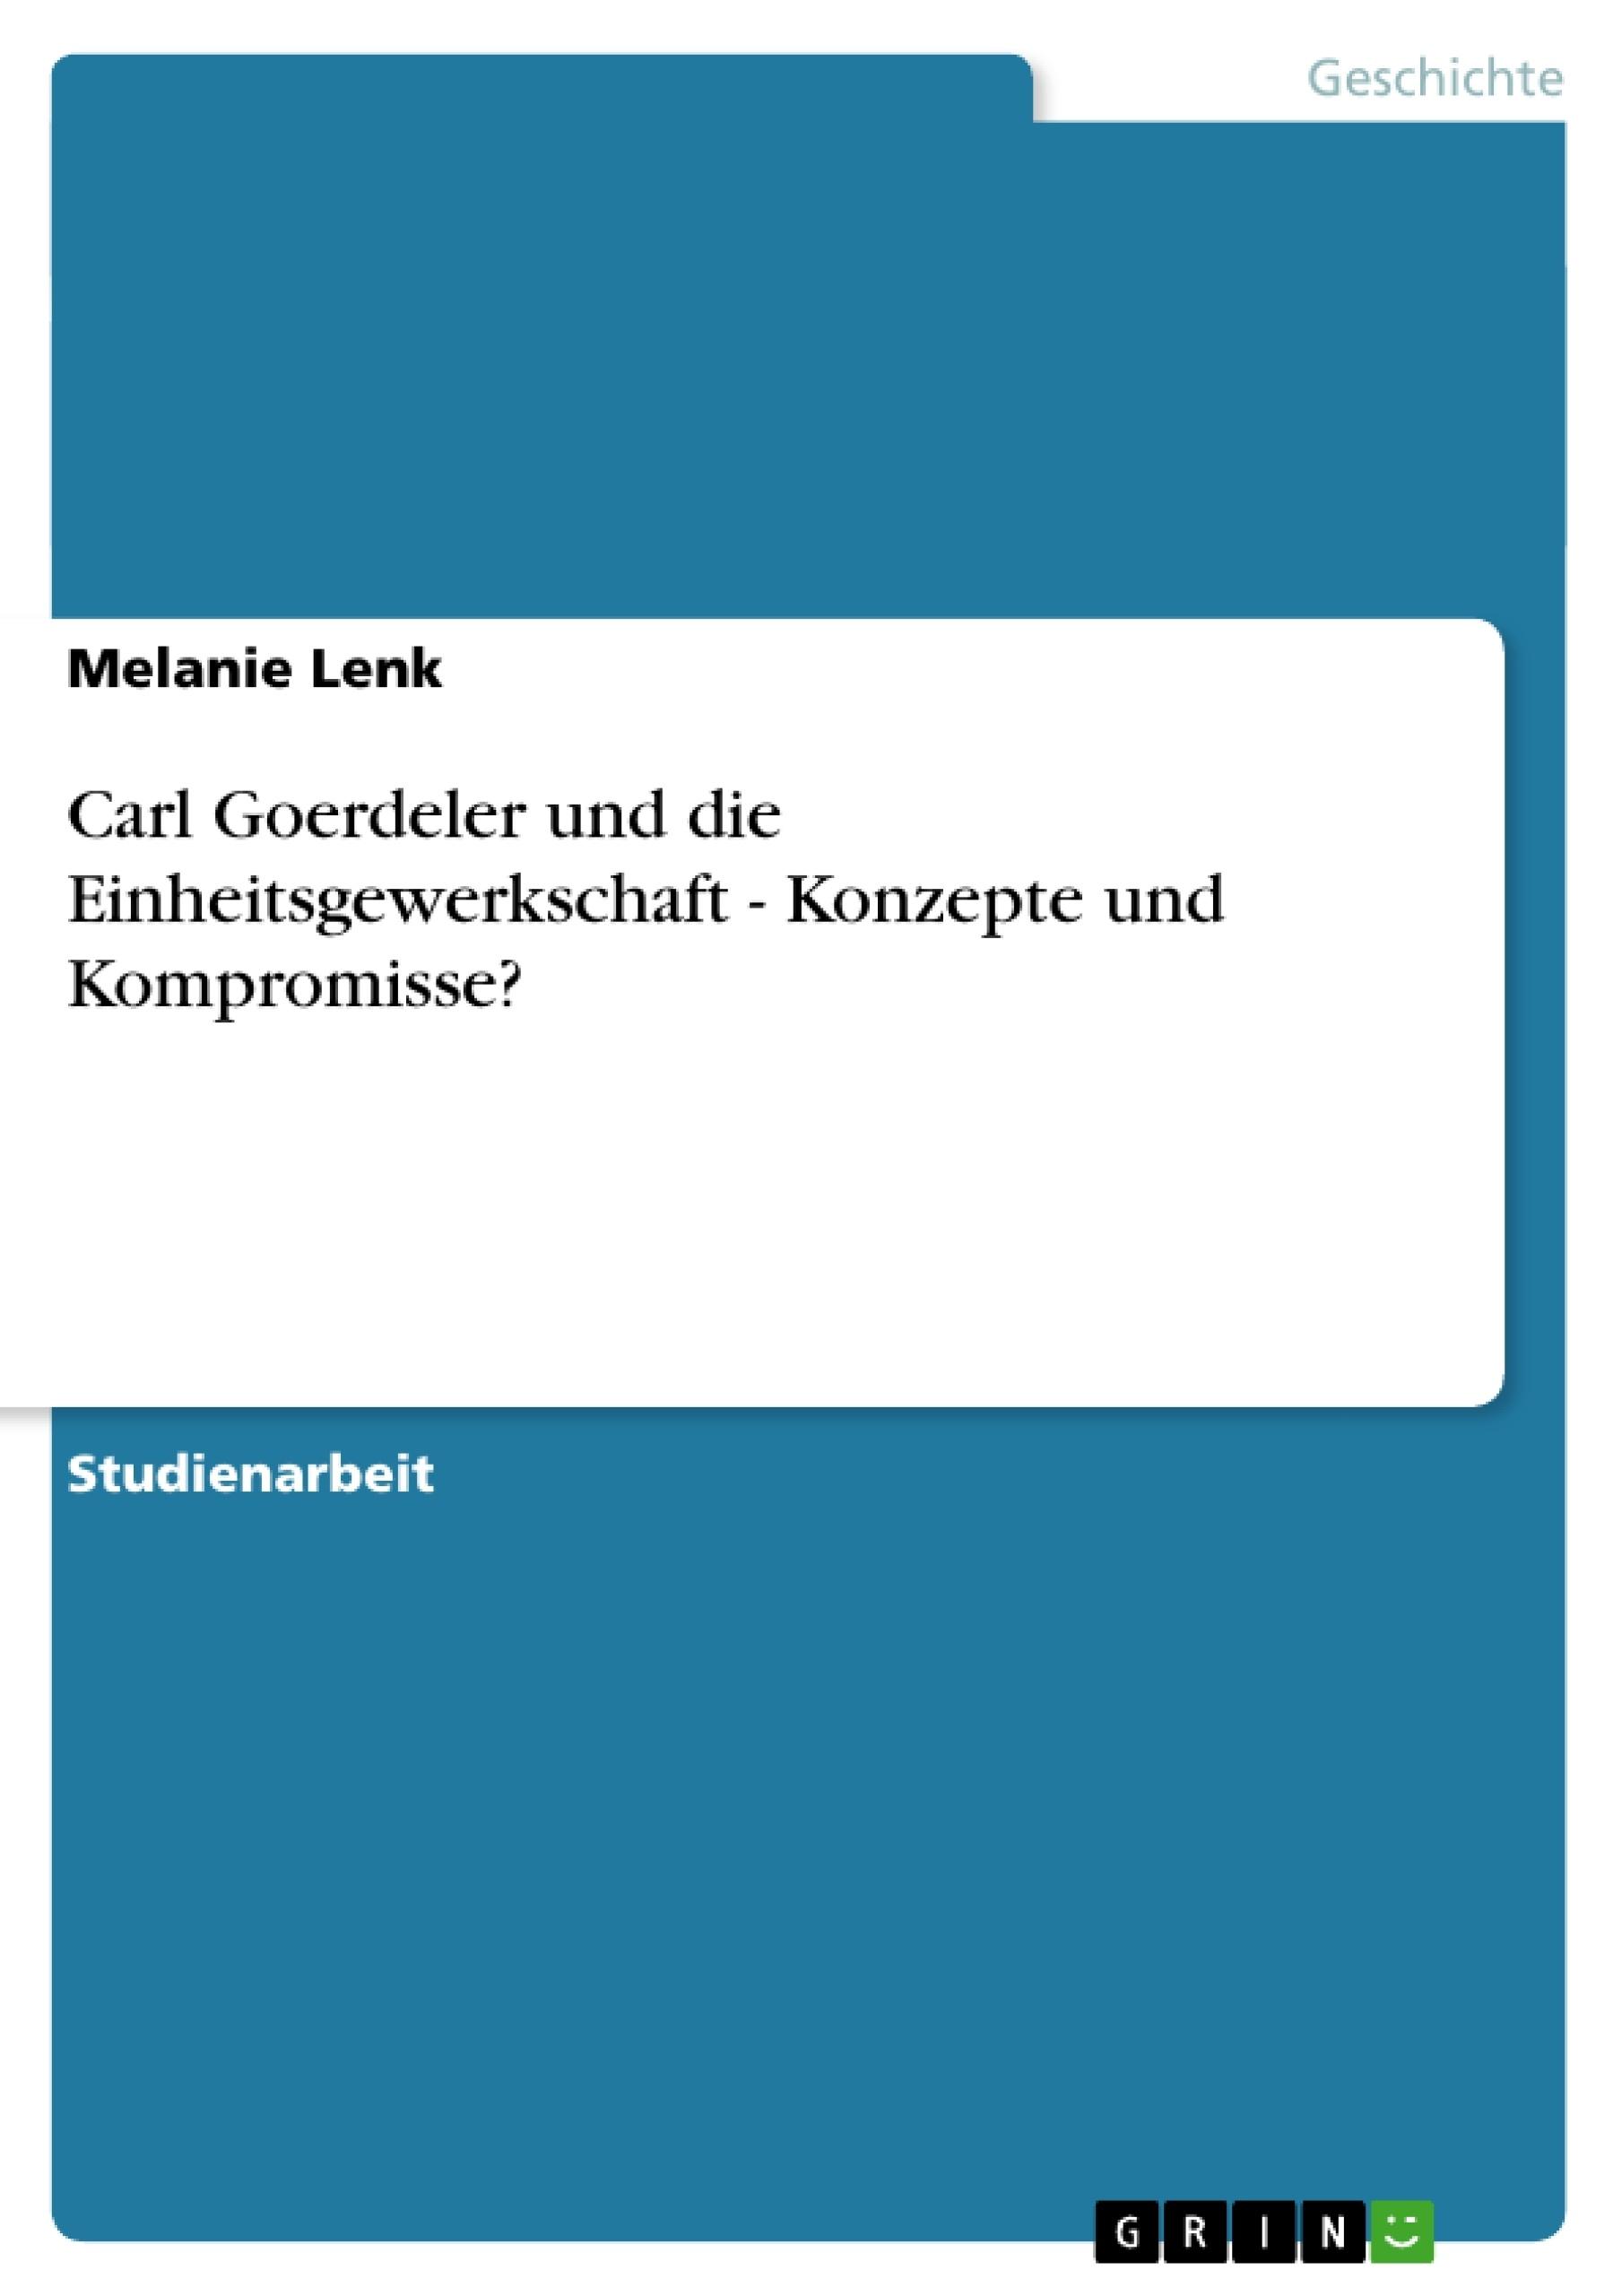 Titel: Carl Goerdeler und die Einheitsgewerkschaft  - Konzepte und Kompromisse?